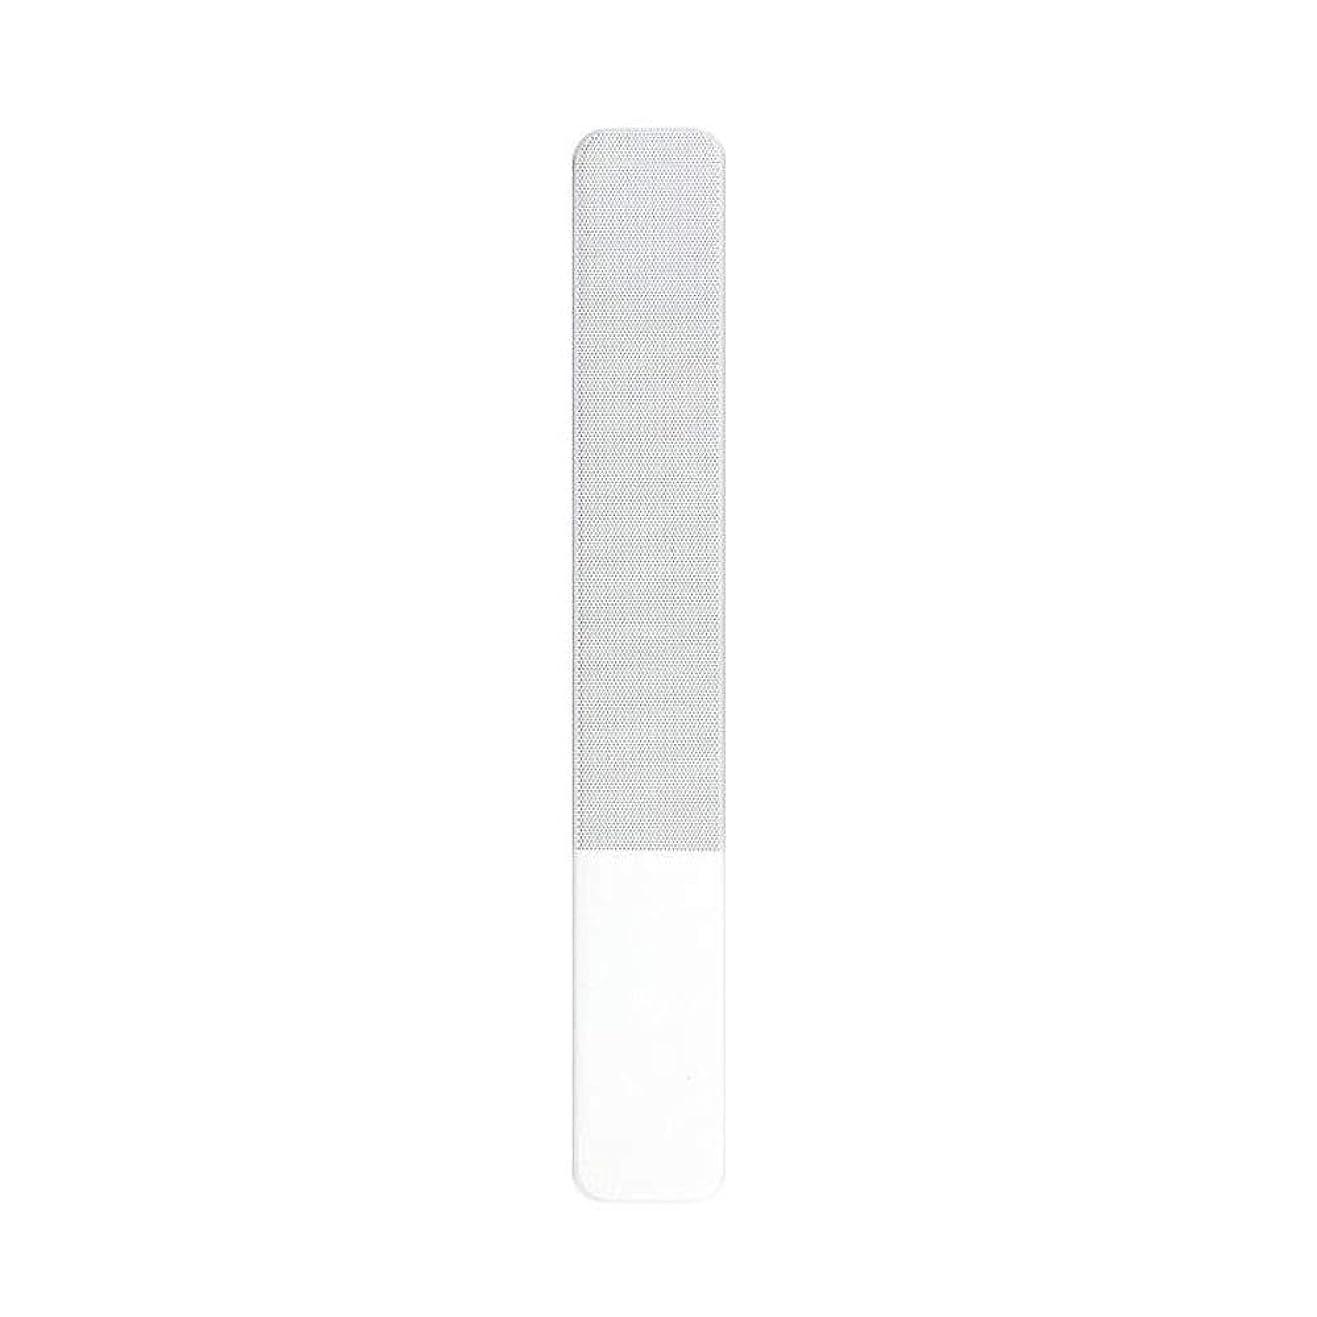 その現在出します爪やすり ガラス製 ナノ ネイルファイル 強化クリスタルガラス 爪磨き つめみがき 爪やすり5秒で爪美人 ネイルファイル 爪磨き ガラス製 ヤスリ 爪とぎ ネイル シャイナー クリスタル